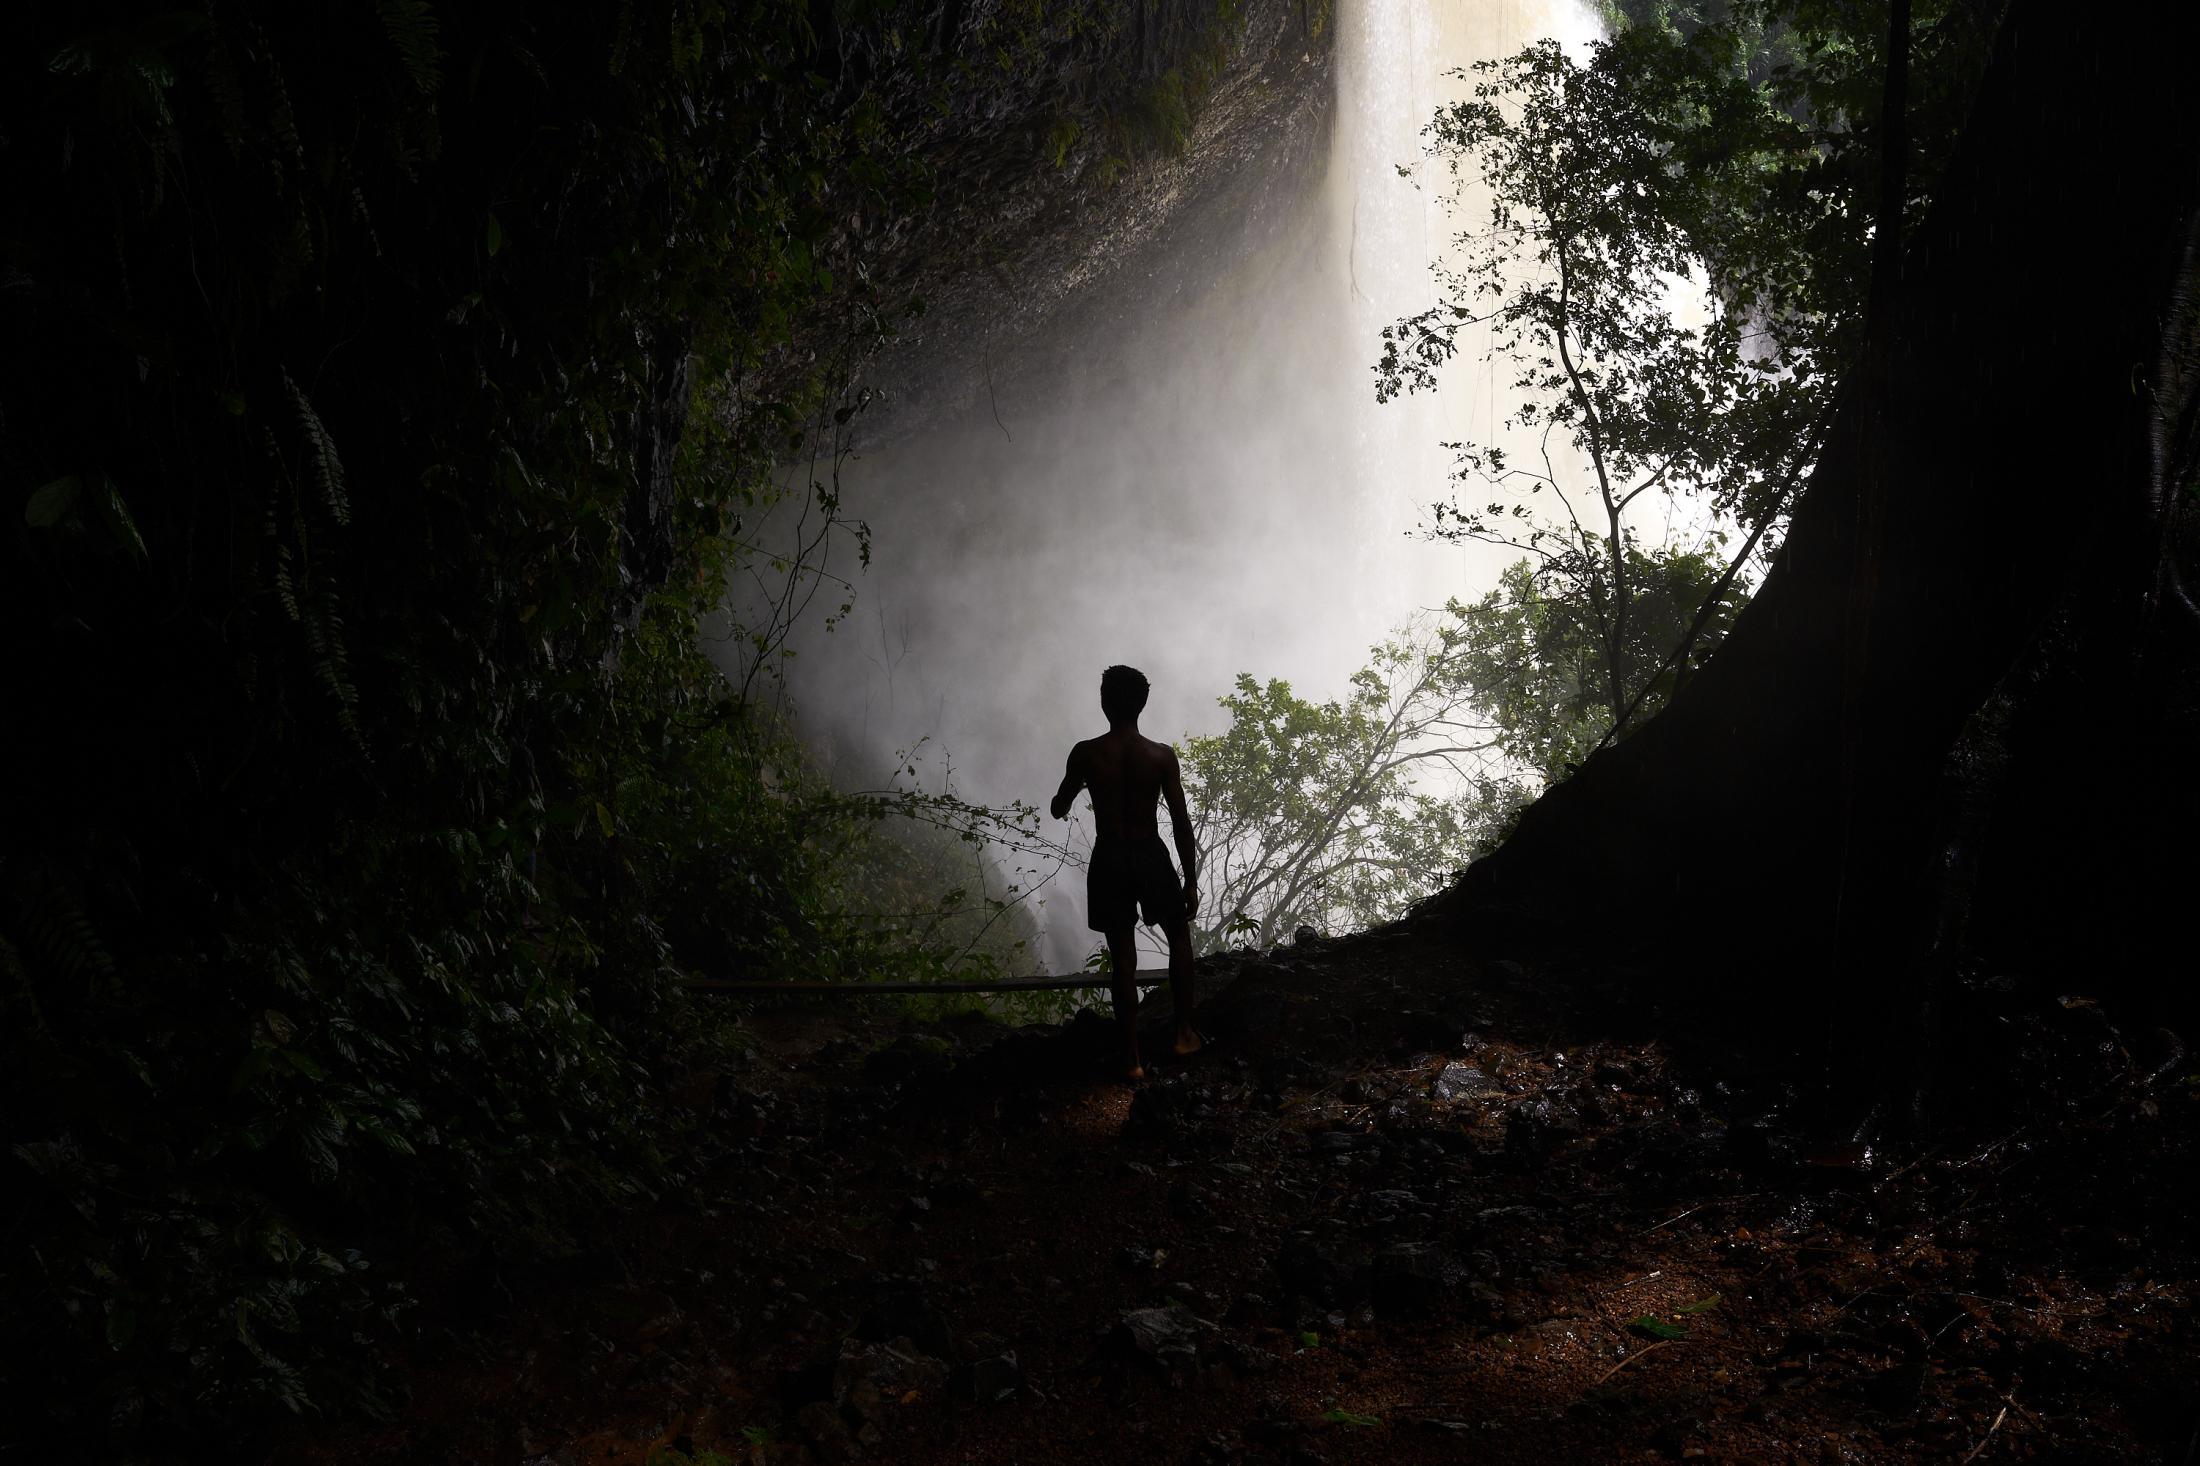 waters fall, agbokim waterfalls,ikom (nigeria-cameroun border town), nigeria.